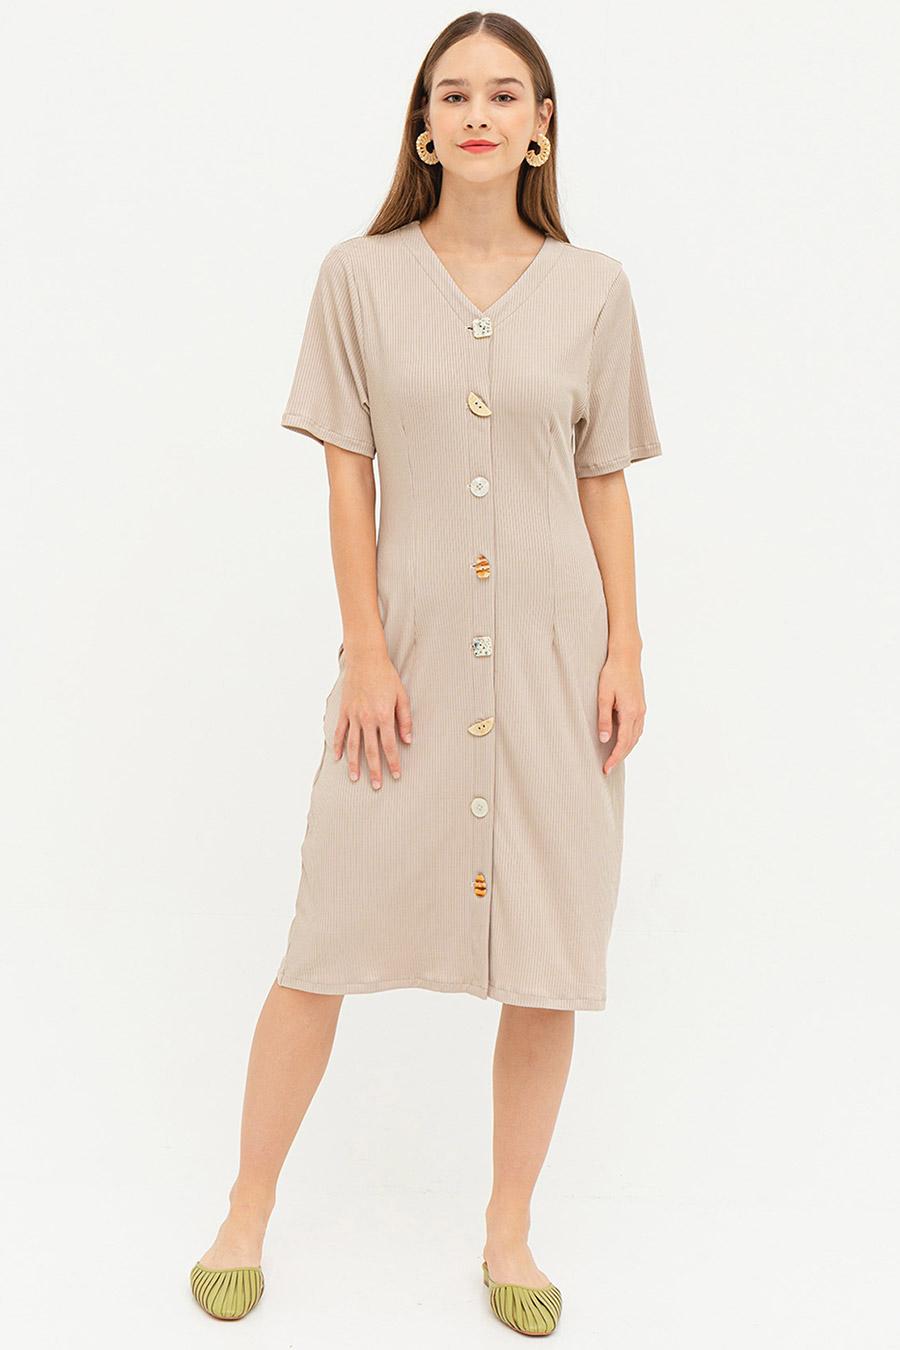 *SALE* DOROTHOEA DRESS - VANILLA CUSTARD [BY MODPARADE]